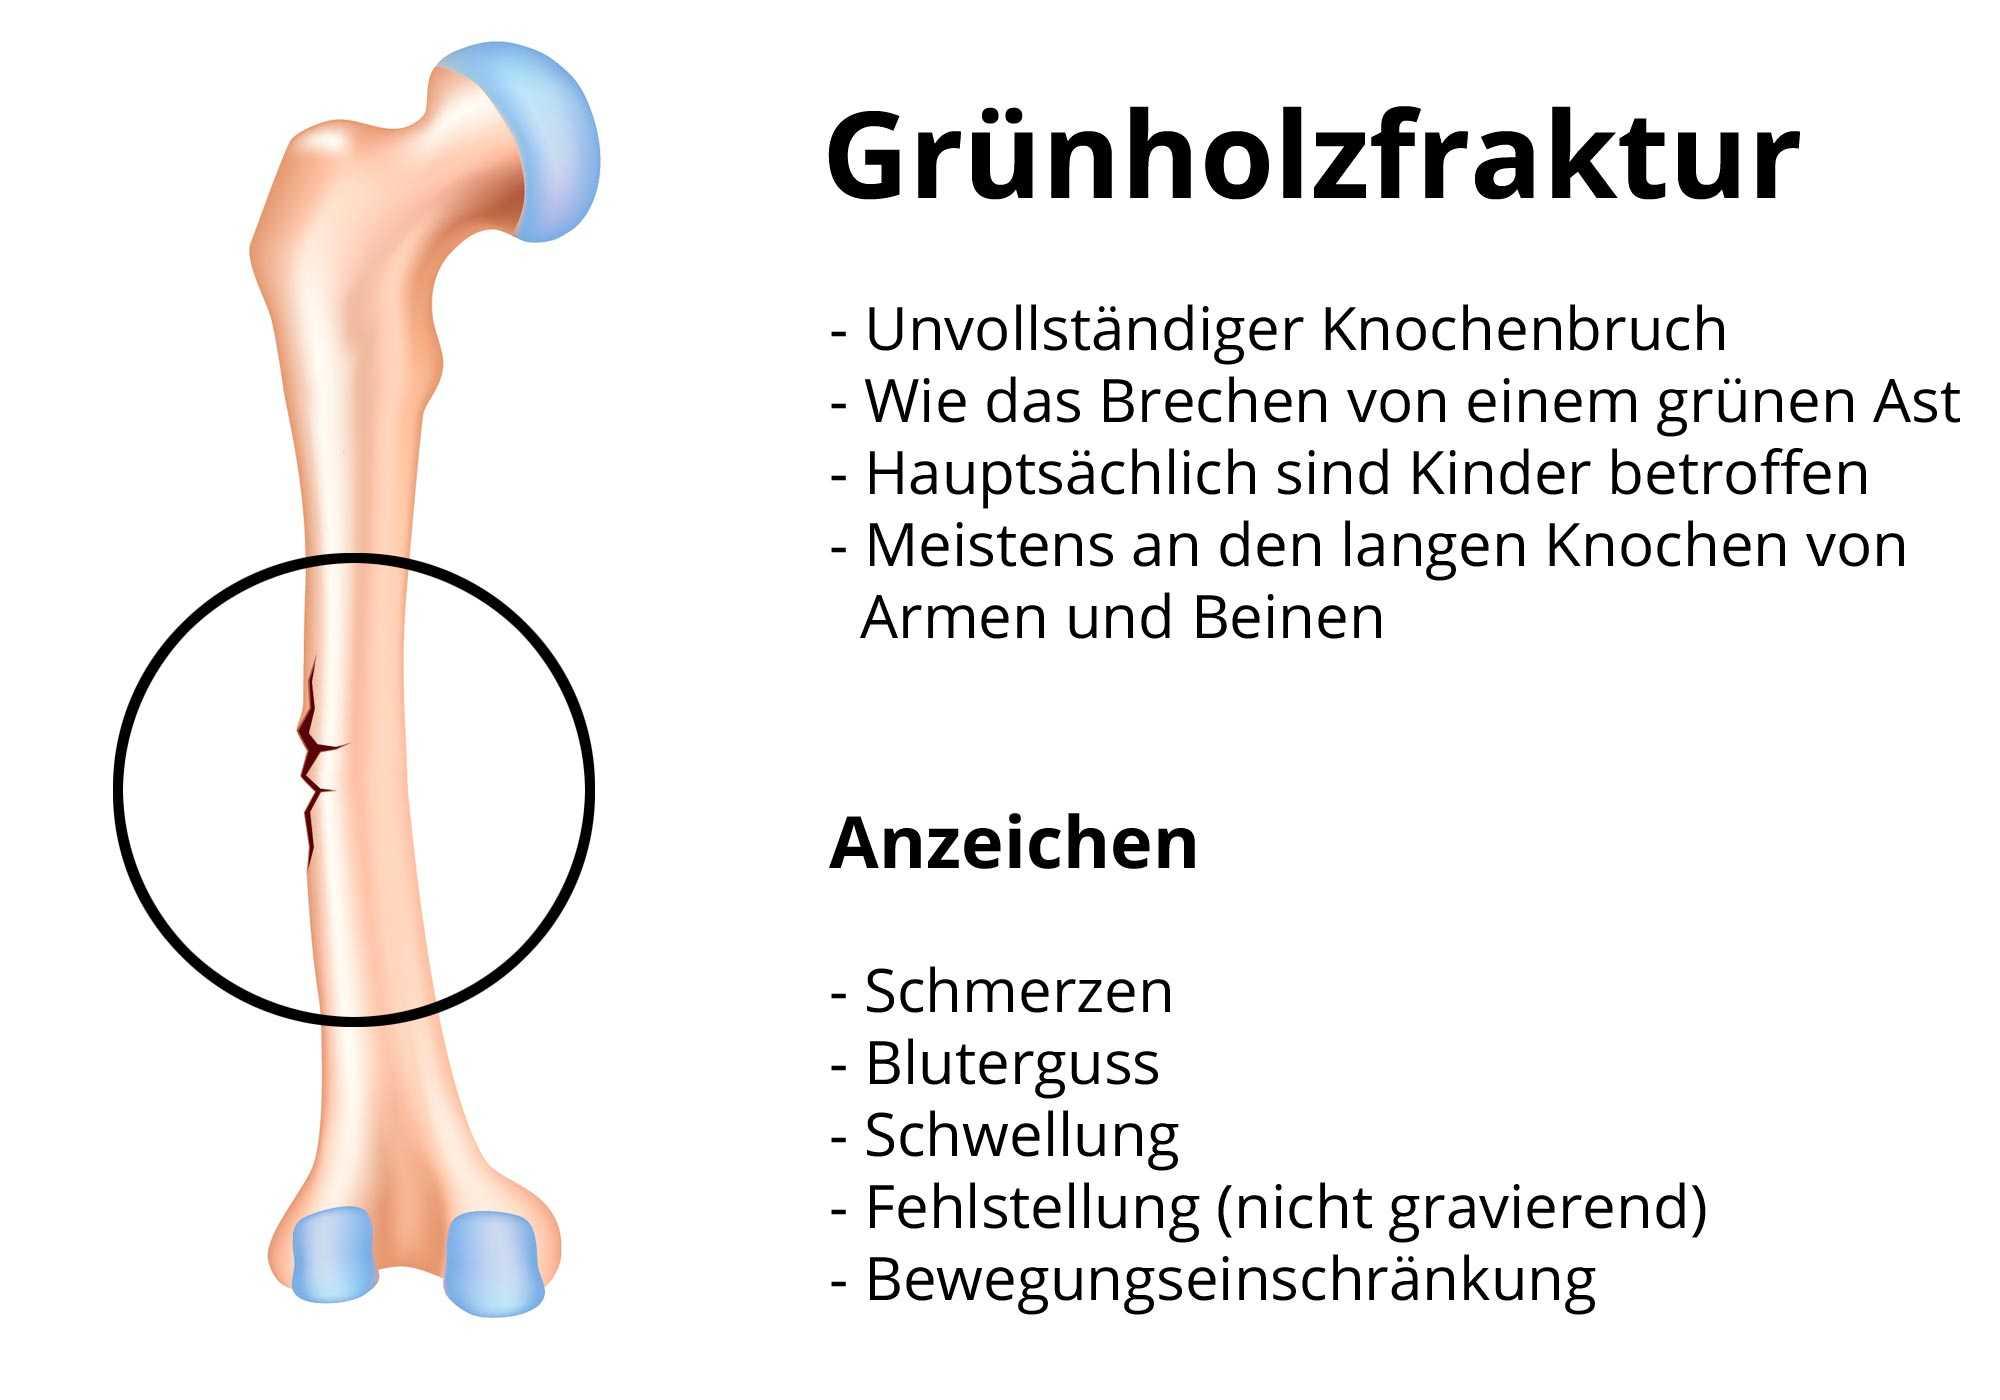 Brechen schmerzen handgelenk ohne Handgelenk verstaucht: